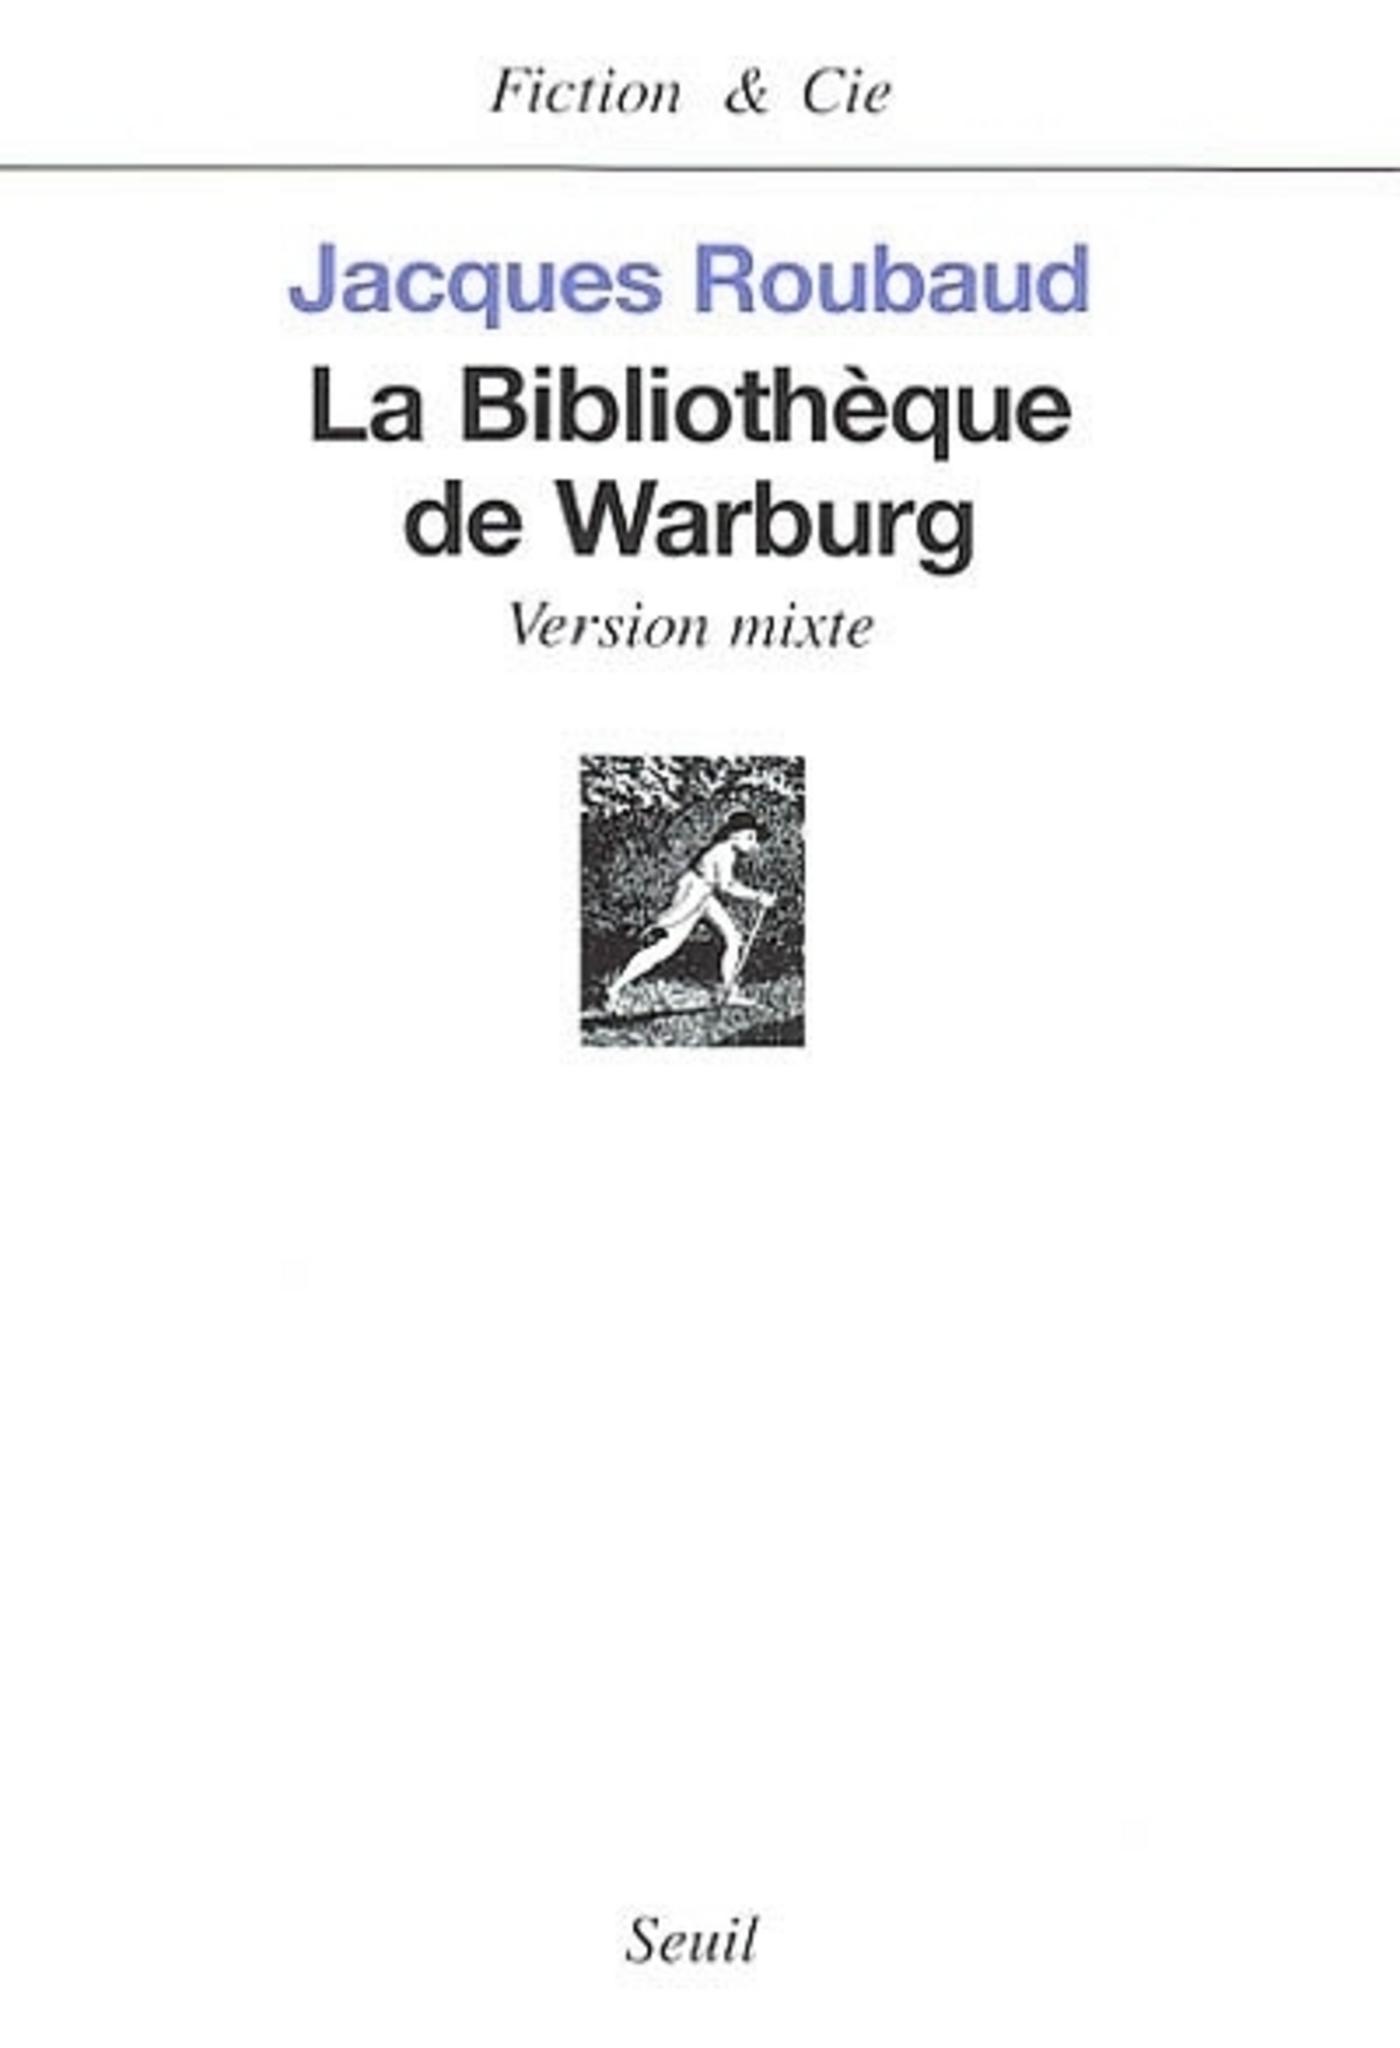 La Bibliothèque de Warburg. Version mixte